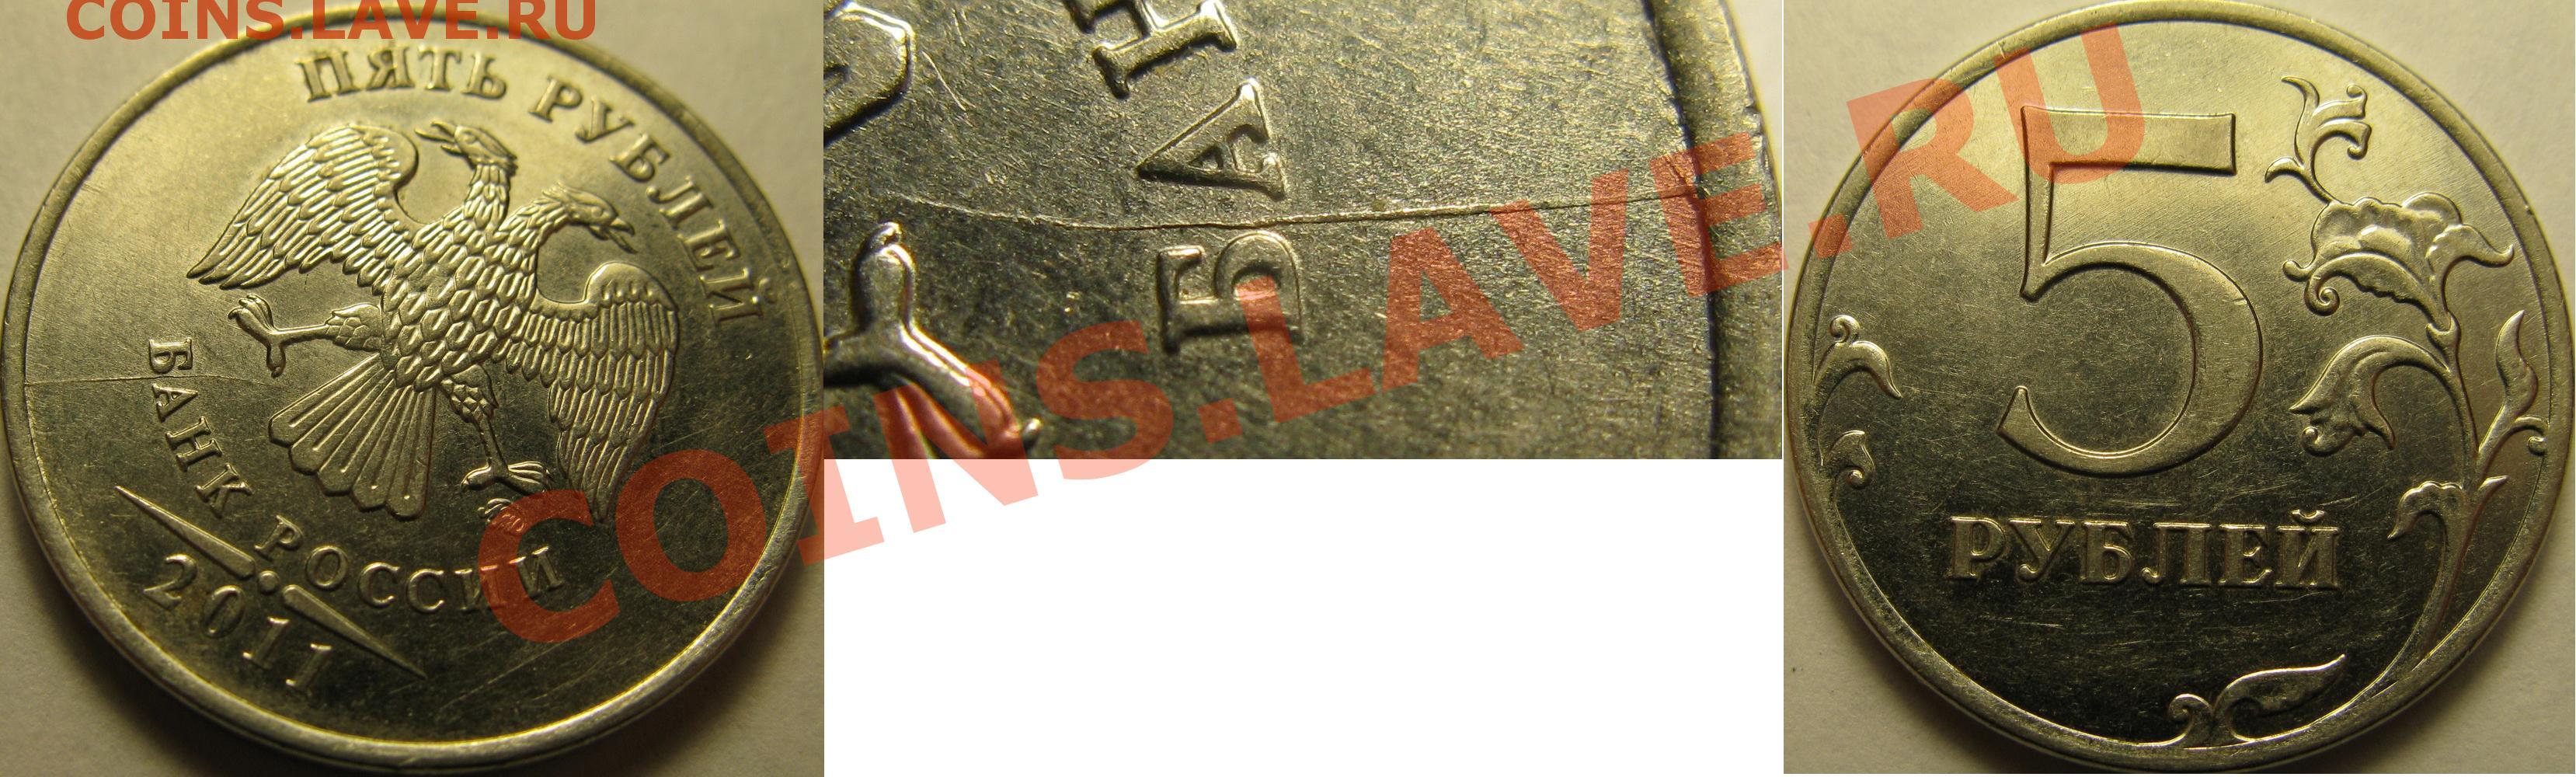 Помогите оценить реально браковые монеты - 10 р 1992 г (лмд)04 28803 кб просмотров: 67